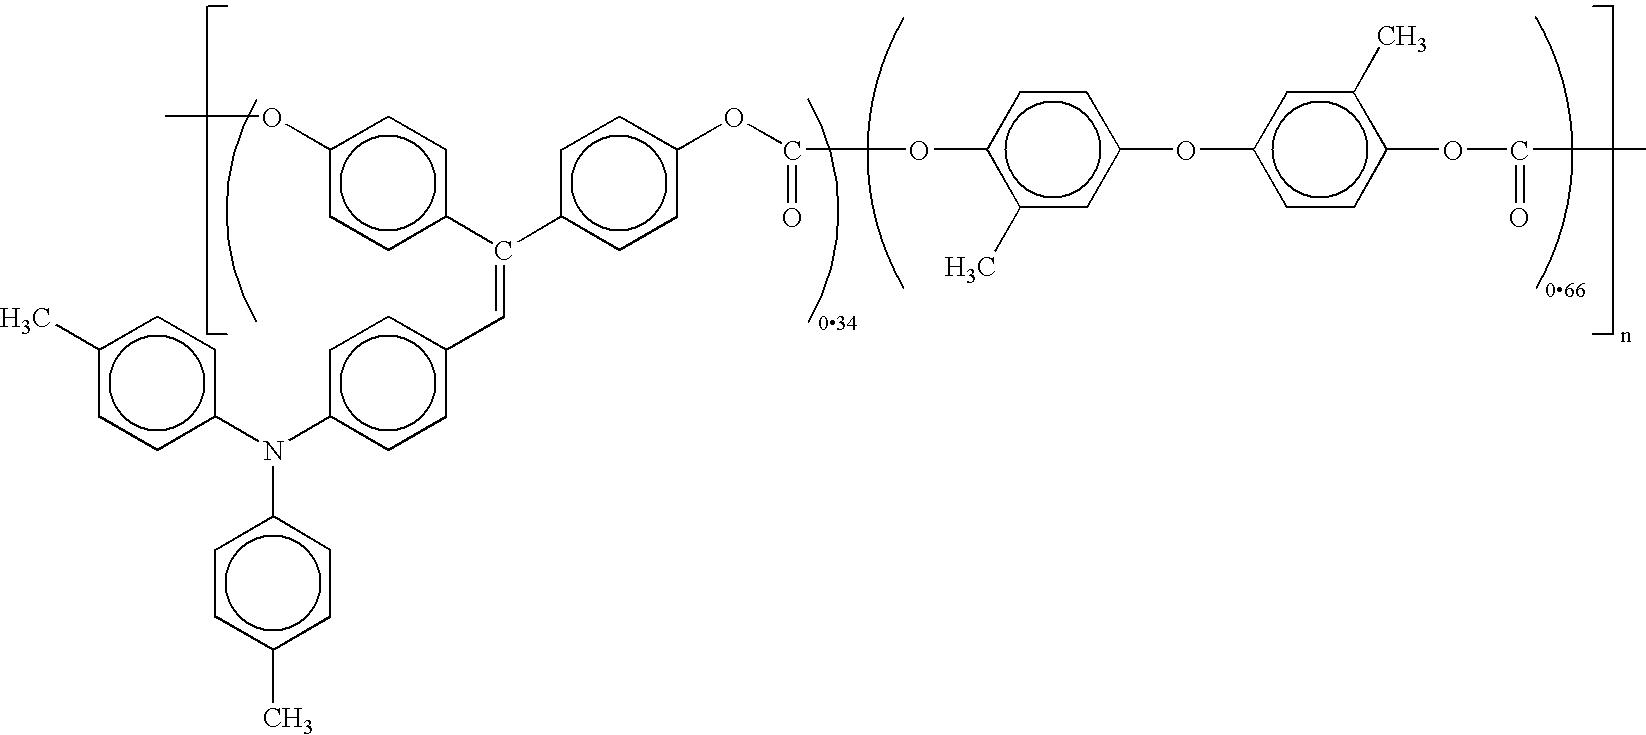 Figure US20060286473A1-20061221-C00015